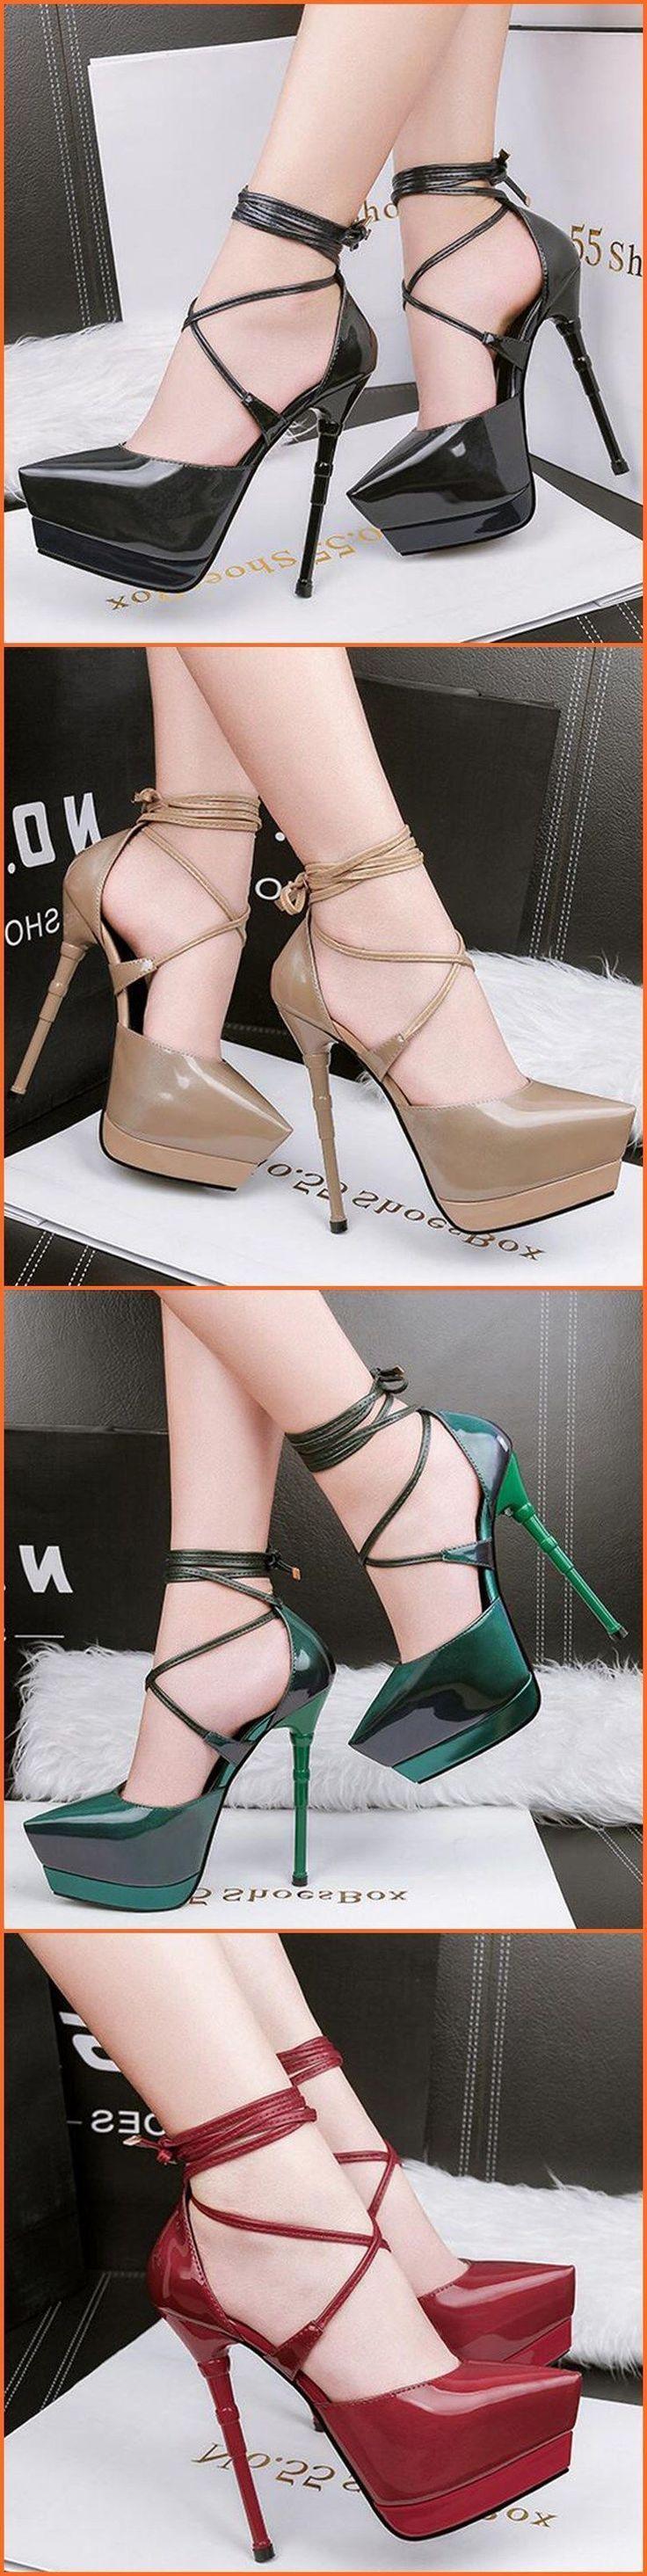 Pointed Toe Banquet Lace-Up Platform Heel #platformhighheelssandals #stilettoheelspointed